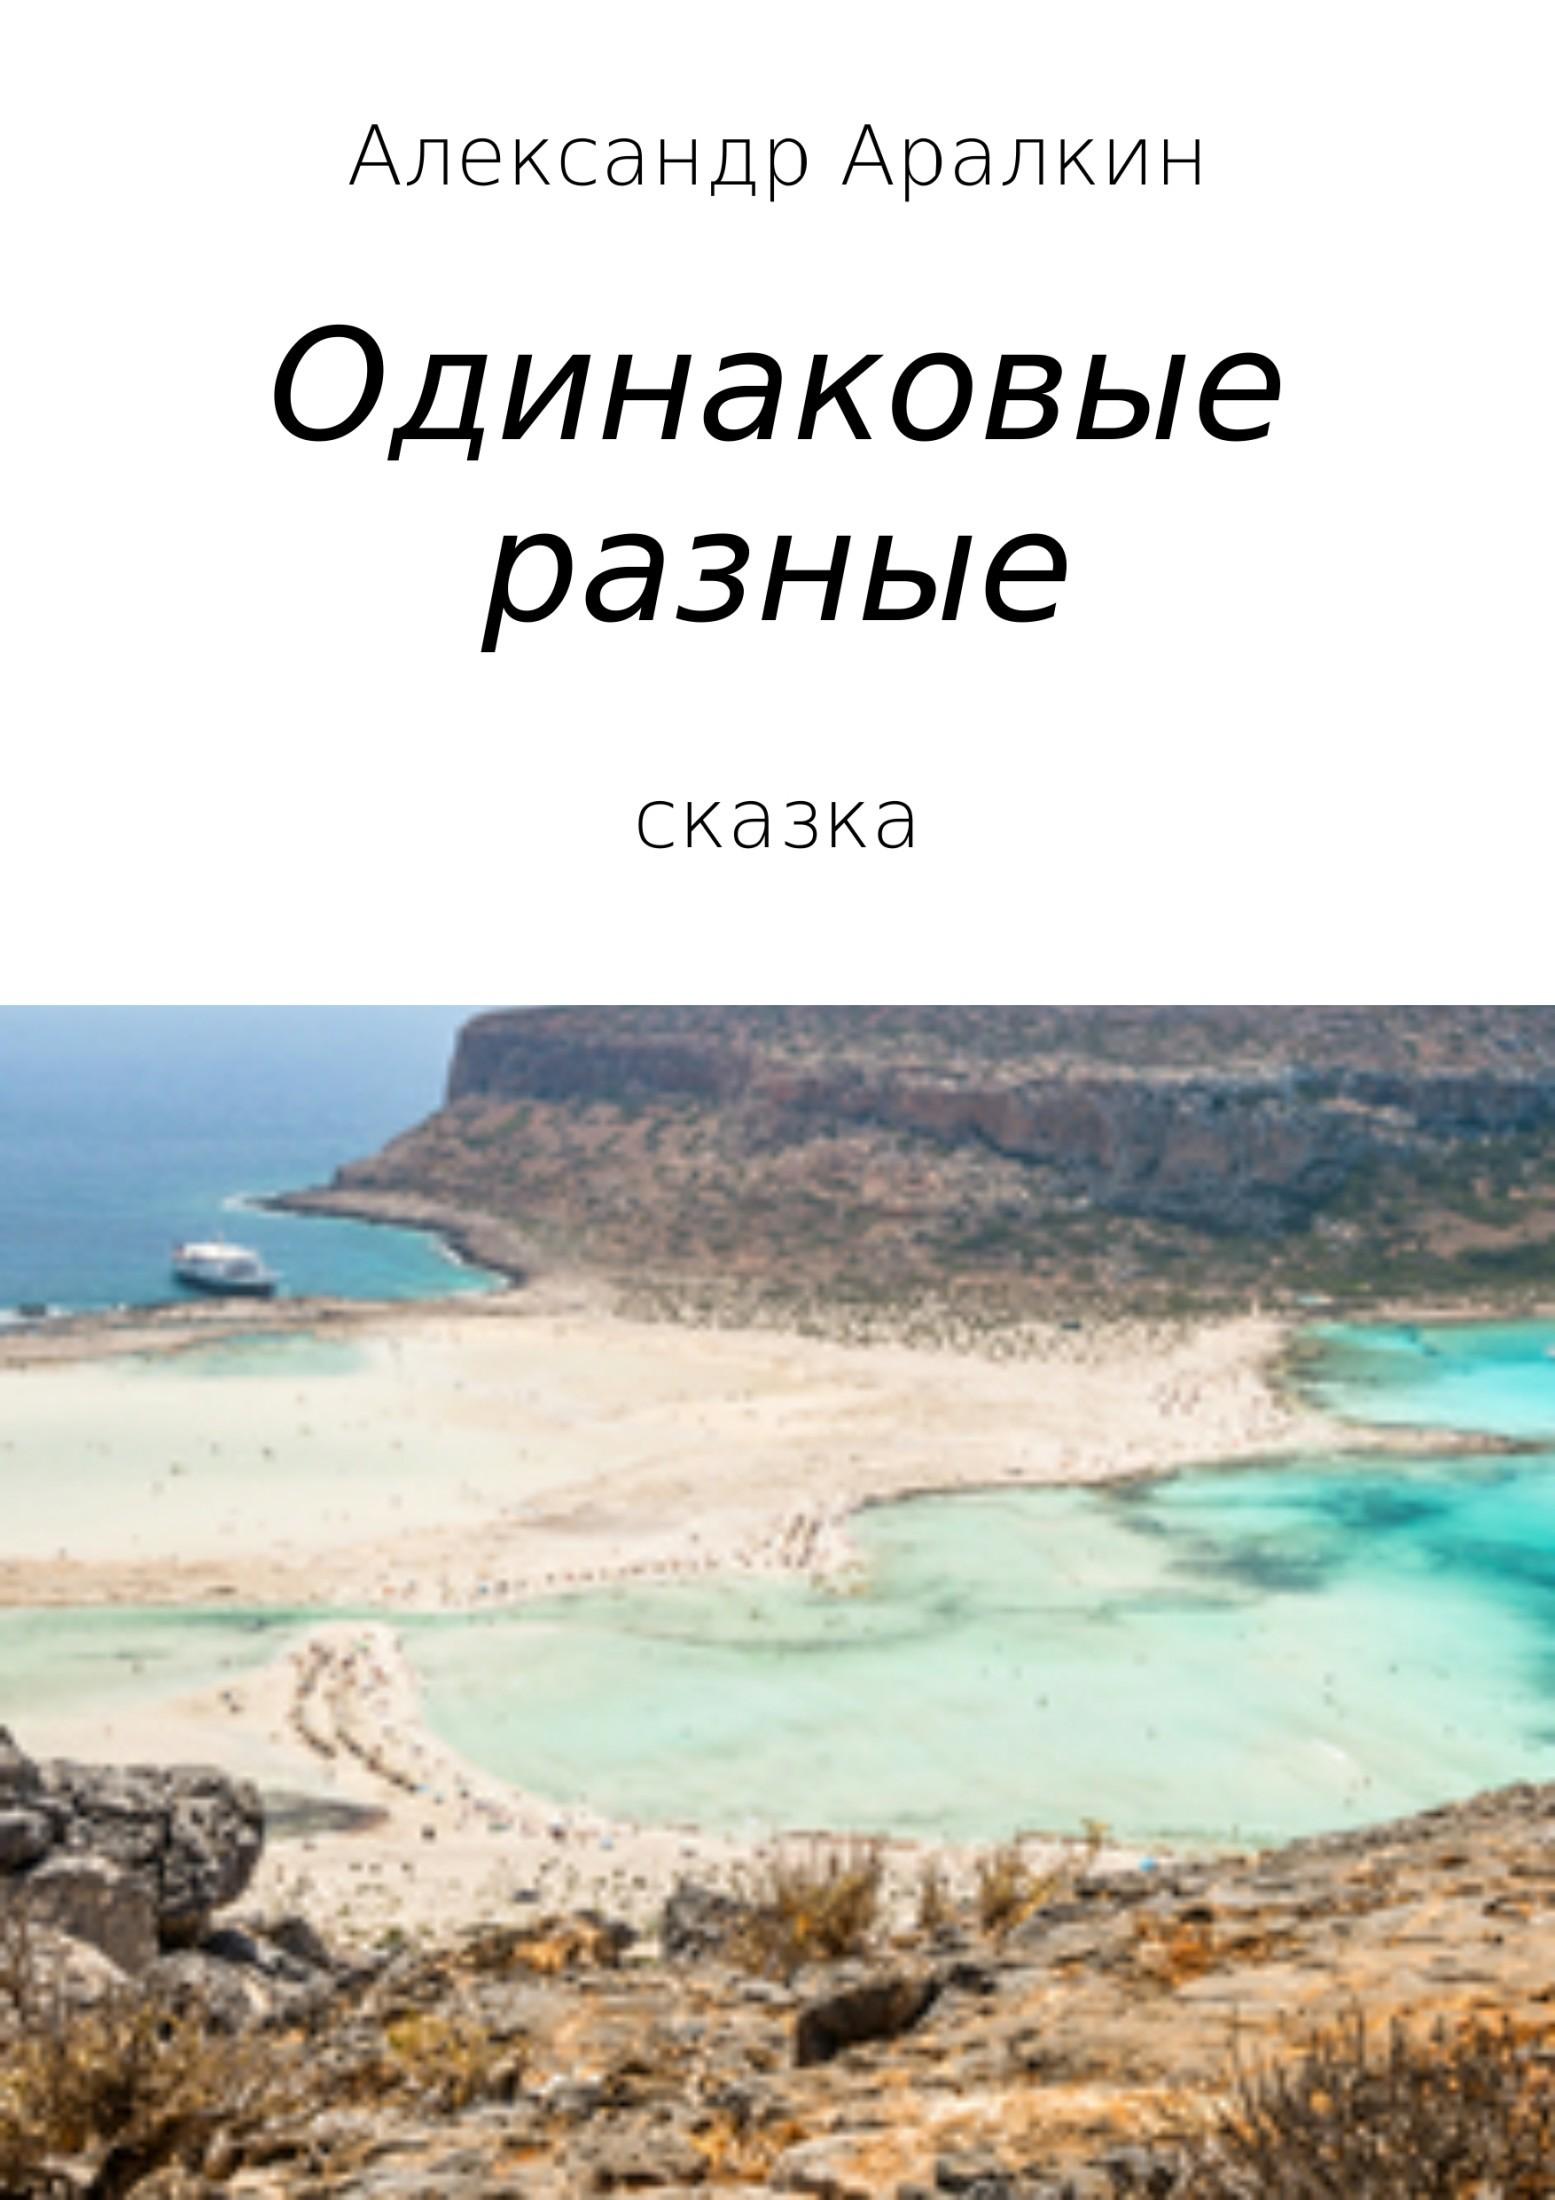 Александр Валерьевич Аралкин бесплатно